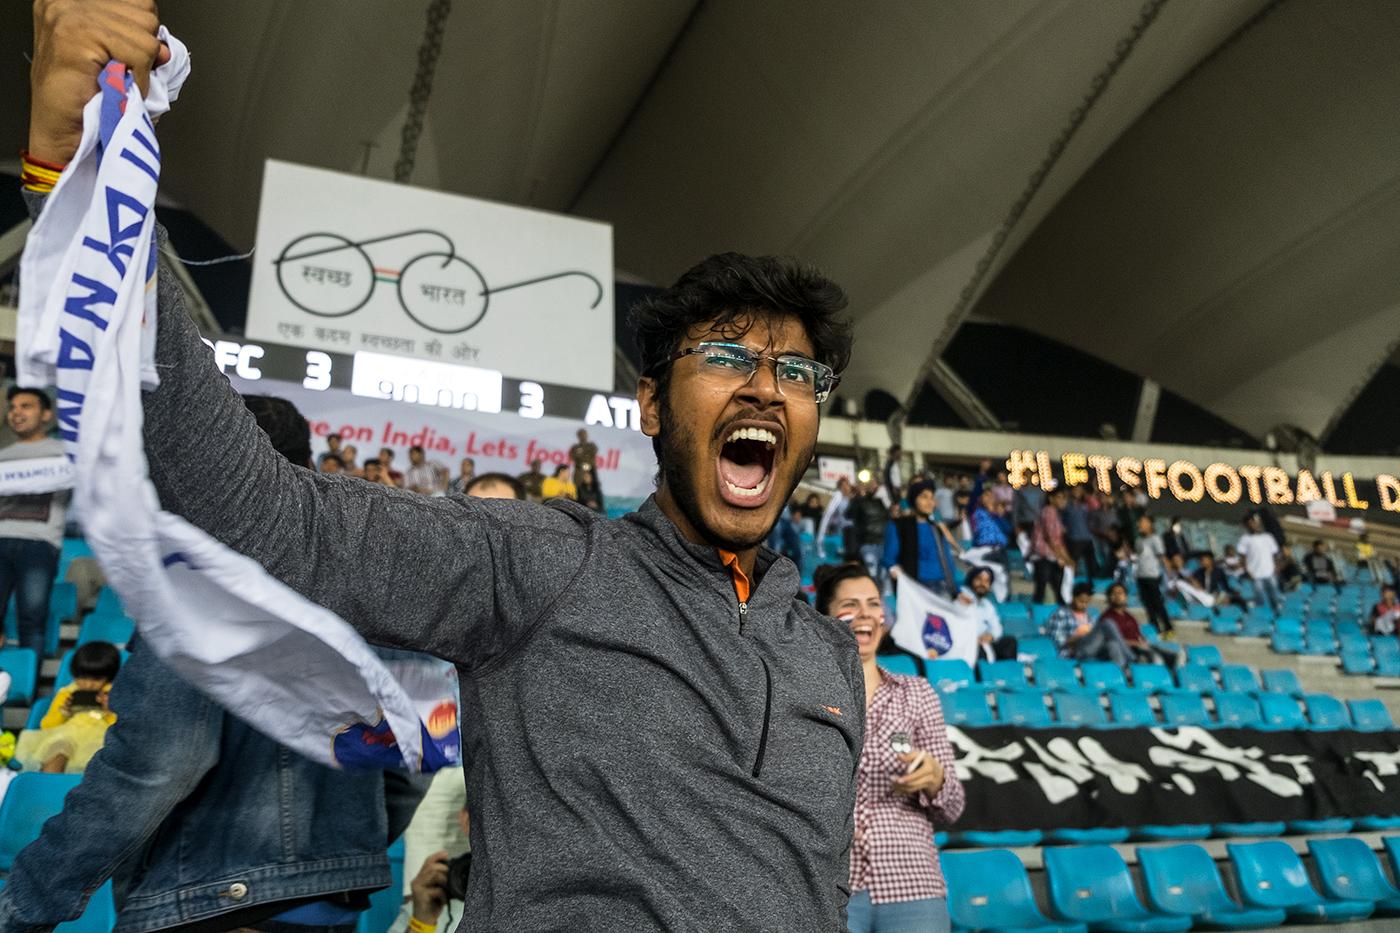 Индийский футбол, бессмысленный и беспощадный...